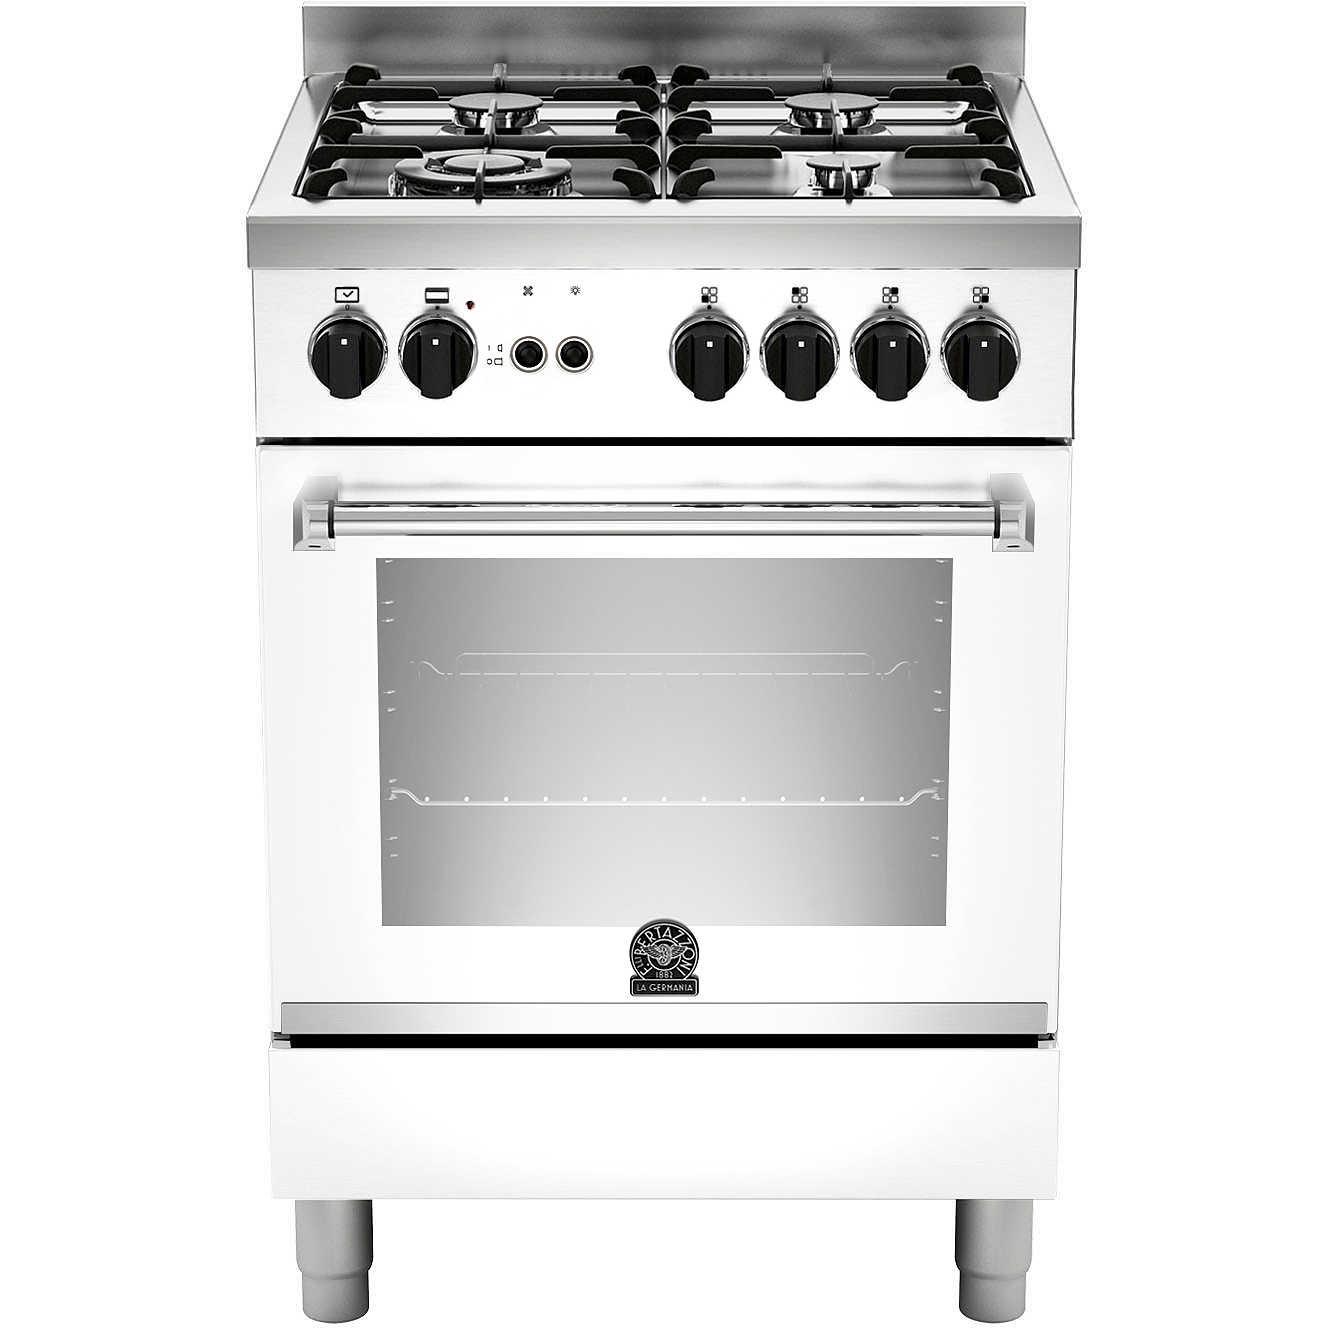 Forno incasso a gas ventilato glem gas abif cucina a gas zone cottura con forno a gas classe a - Forno ad incasso ventilato ...